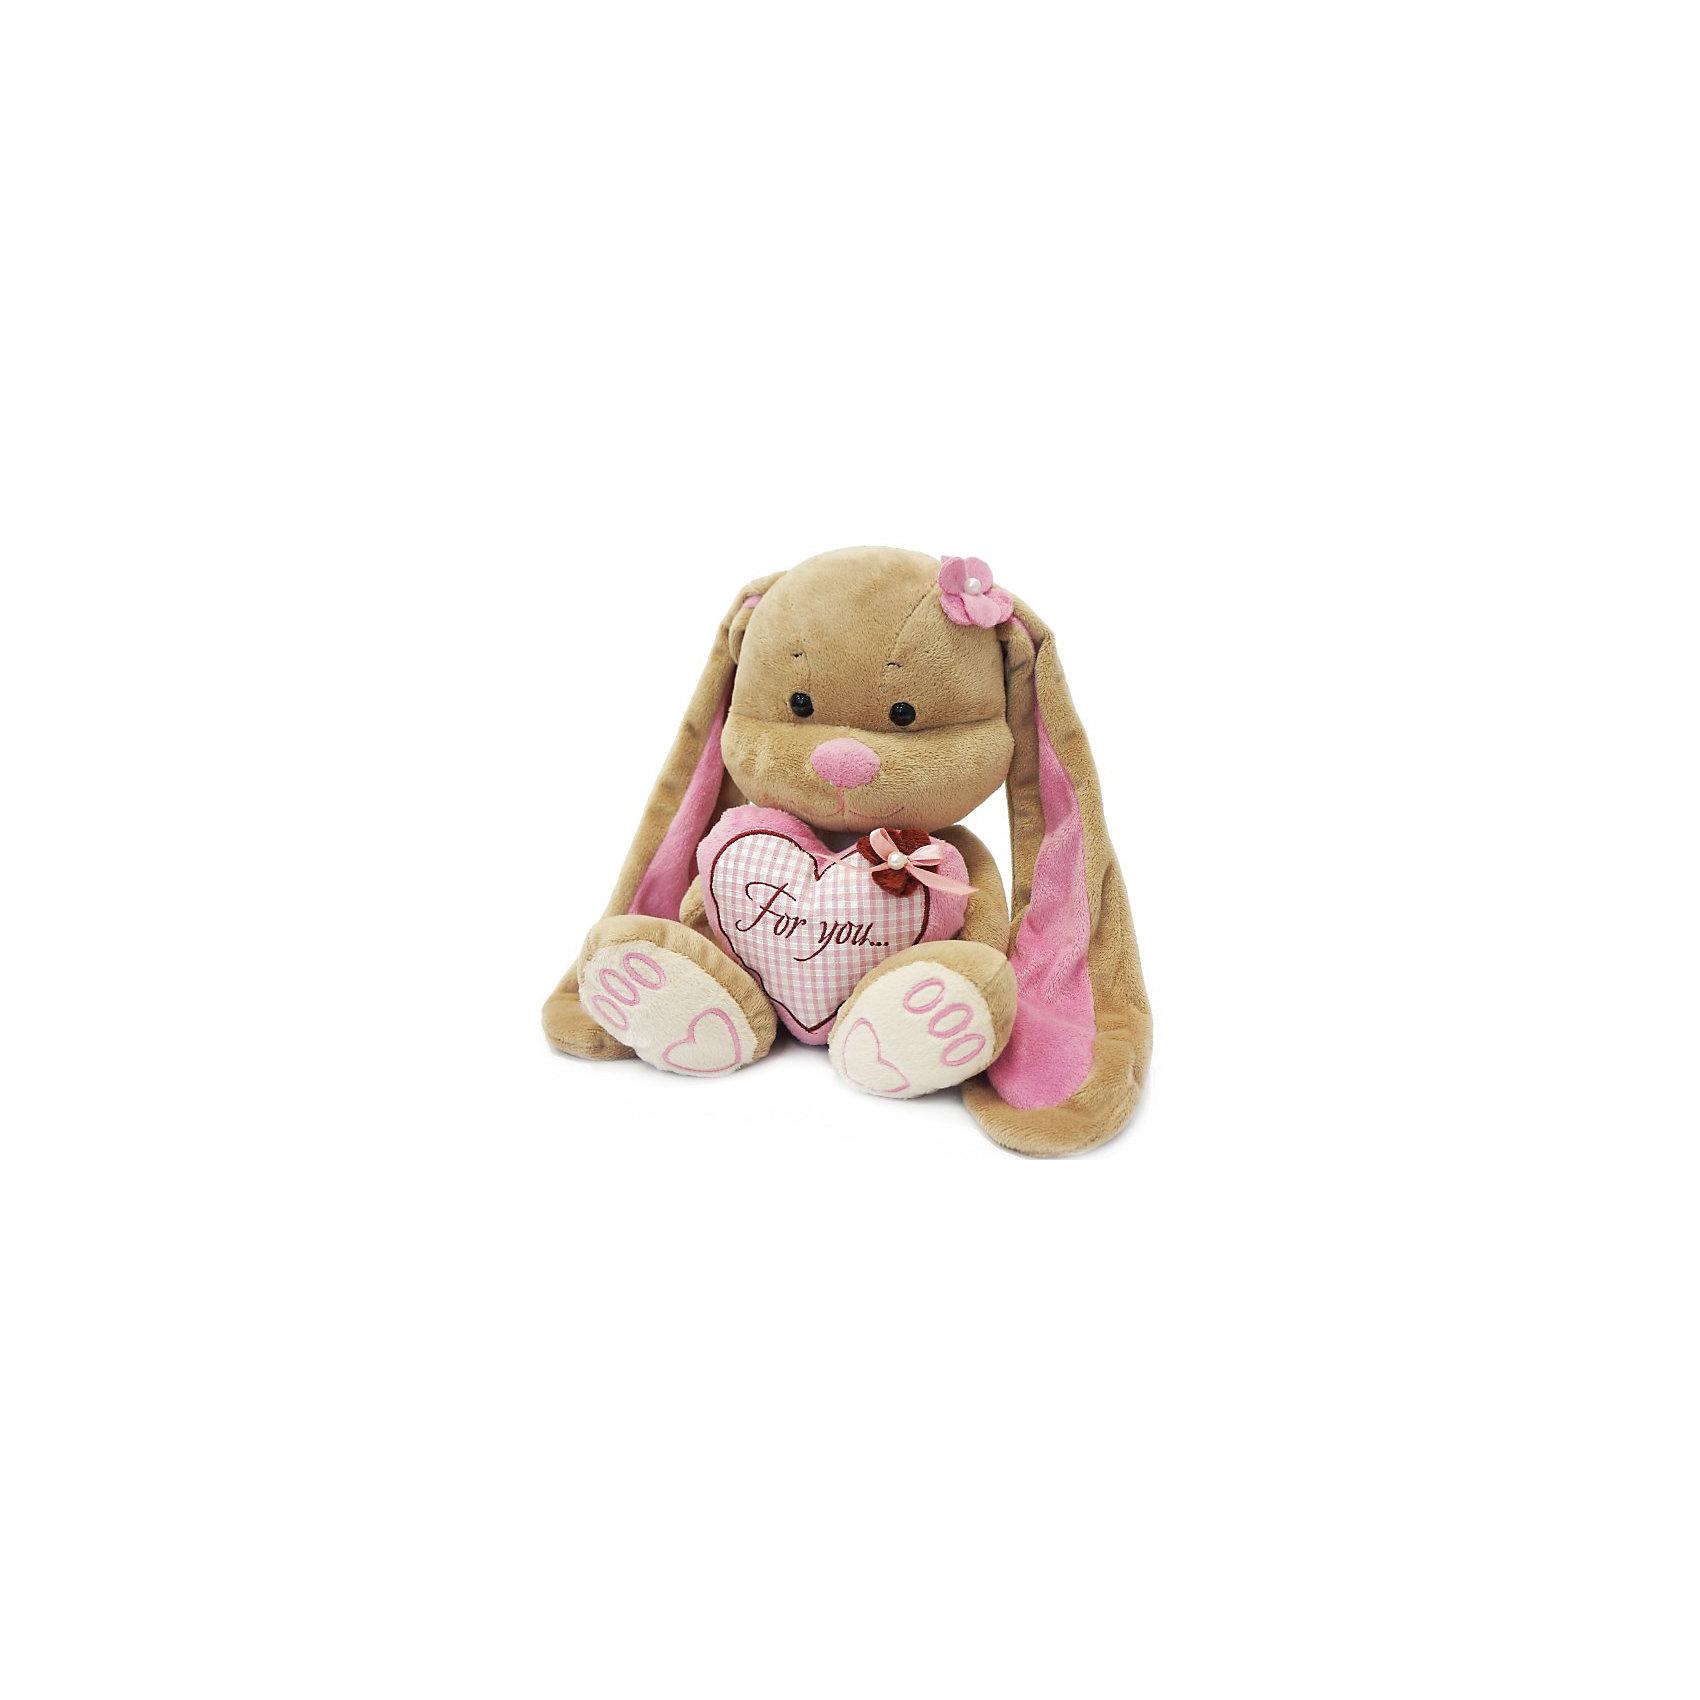 Зайка Лин с сердцем, 25 см, MAXITOYSОчень симпатичная мягкая игрушка сделана в виде Зайца с сердцем в лапках. Она поможет ребенку проводить время весело и с пользой (такие игрушки развивают воображение и моторику). Смотрится игрушка очень мило - ее хочется трогать и играть с ней.<br>Размер игрушки универсален - 25 сантиметров, её удобно брать с собой в поездки и на прогулку. Сделан Зайка из качественных и безопасных для ребенка материалов, которые еще и приятны на ощупь. Эта игрушка может стать и отличным подарком для взрослого, также она украсит любой интерьер.<br><br>Дополнительная информация:<br><br>- материал: мех искусственный, трикотажный, волокно полиэфирное;<br>- высота: 25 см.<br><br>Игрушку Зайка Лин с сердцем, 25 см, от марки MAXITOYS можно купить в нашем магазине.<br><br>Ширина мм: 170<br>Глубина мм: 200<br>Высота мм: 250<br>Вес г: 221<br>Возраст от месяцев: 36<br>Возраст до месяцев: 1188<br>Пол: Женский<br>Возраст: Детский<br>SKU: 4701892